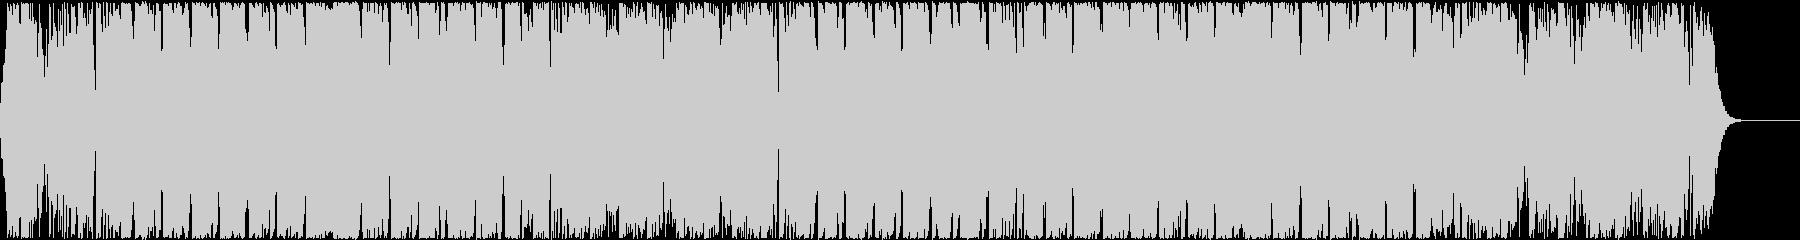 キャッチーなボイスとギターのEDMハウスの未再生の波形